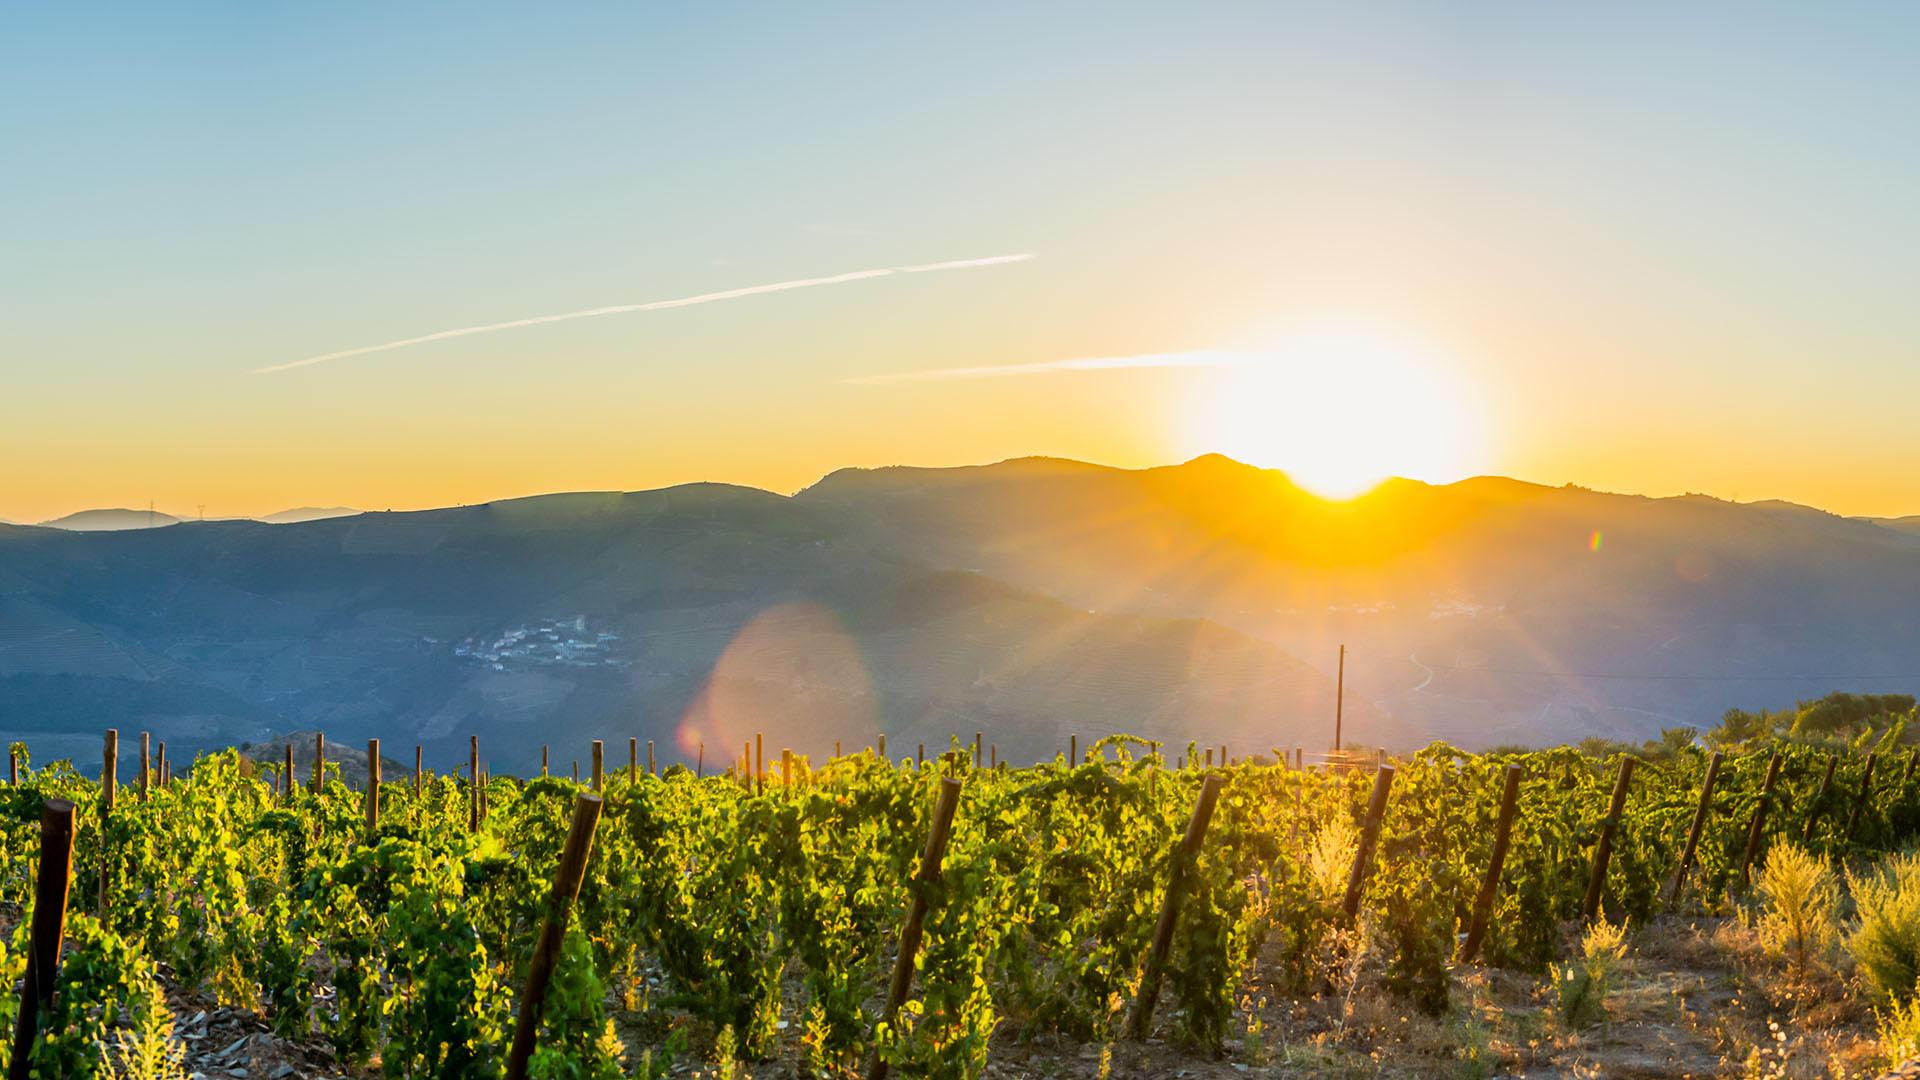 Hochwertige Weine aus unserer Region und aus Italien. Trinken Sie exklusive offene oder auch Flaschenweine in unserem Restaurant in Wangen